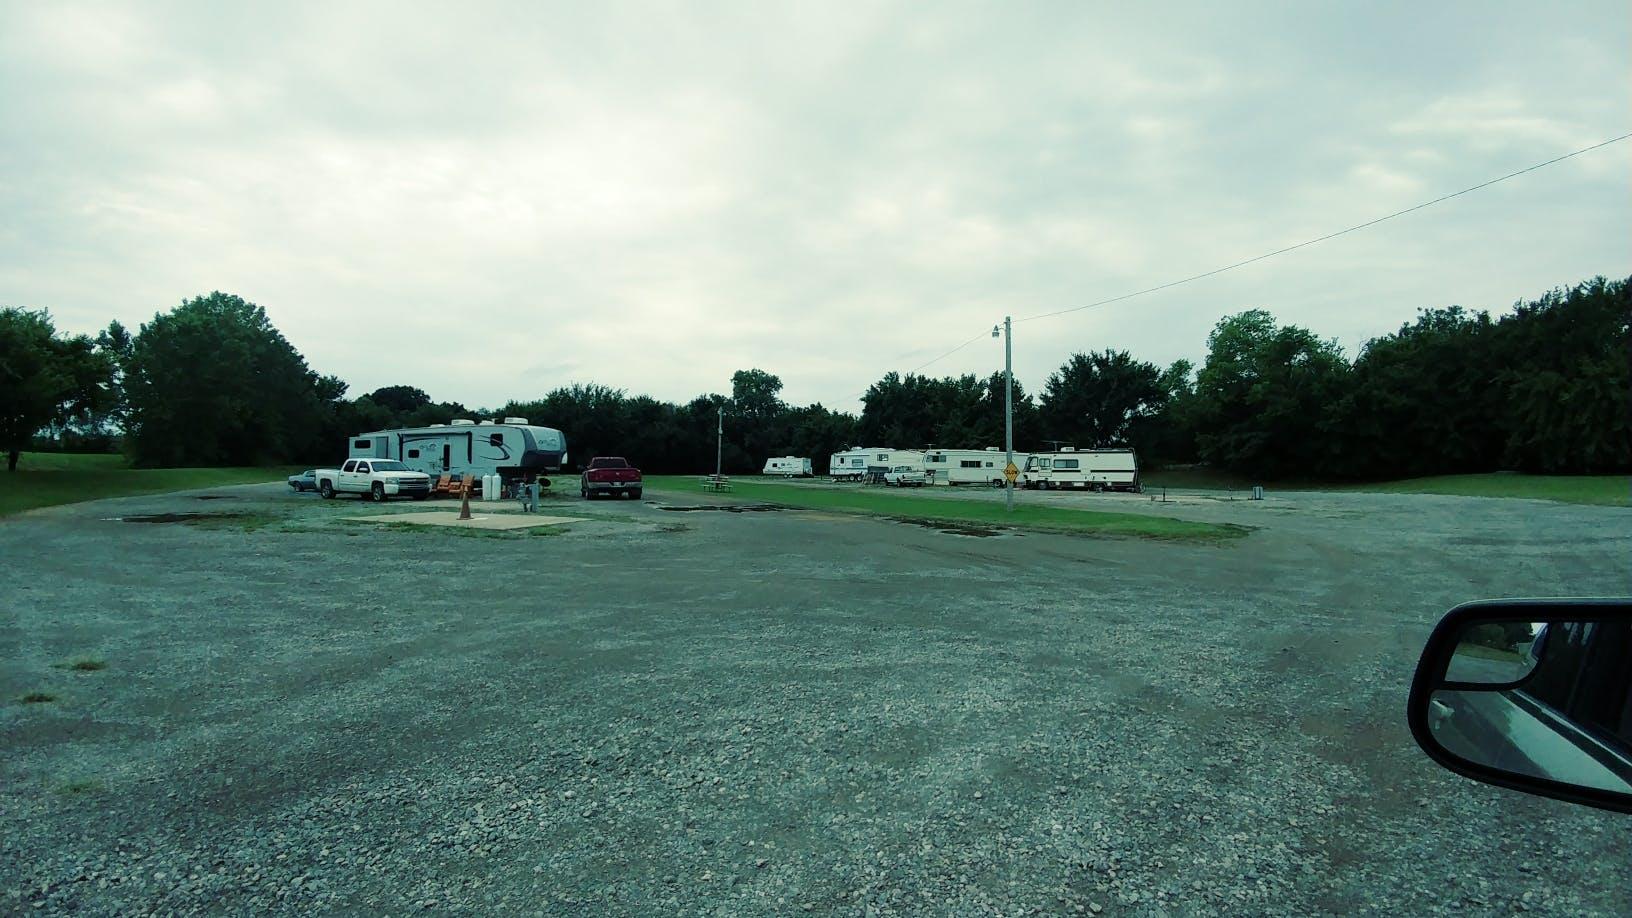 Iowa Tribe Rv Park, OK | The Dyrt